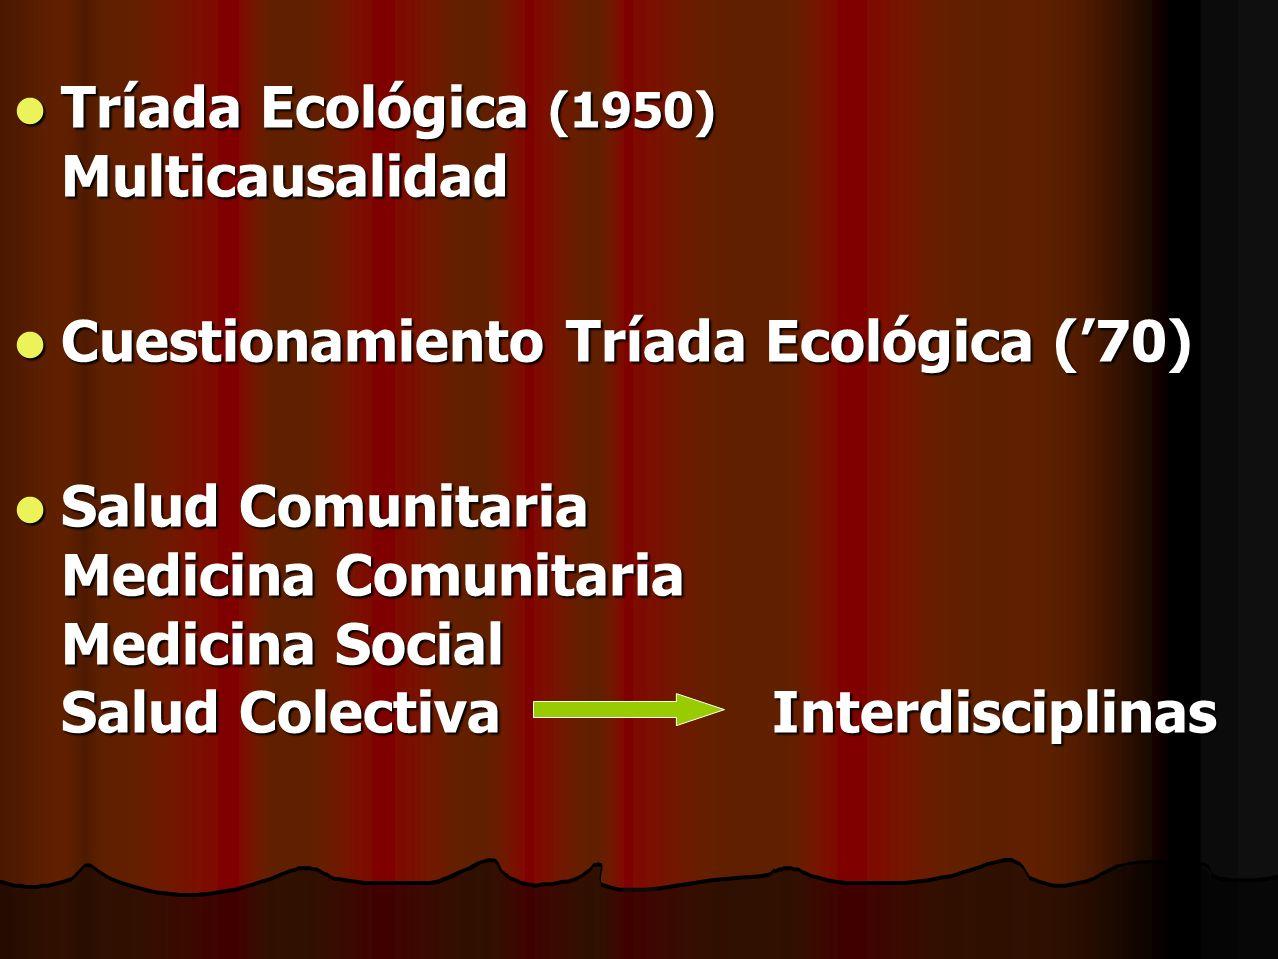 Tríada Ecológica (1950) Multicausalidad Tríada Ecológica (1950) Multicausalidad Cuestionamiento Tríada Ecológica (70) Cuestionamiento Tríada Ecológica